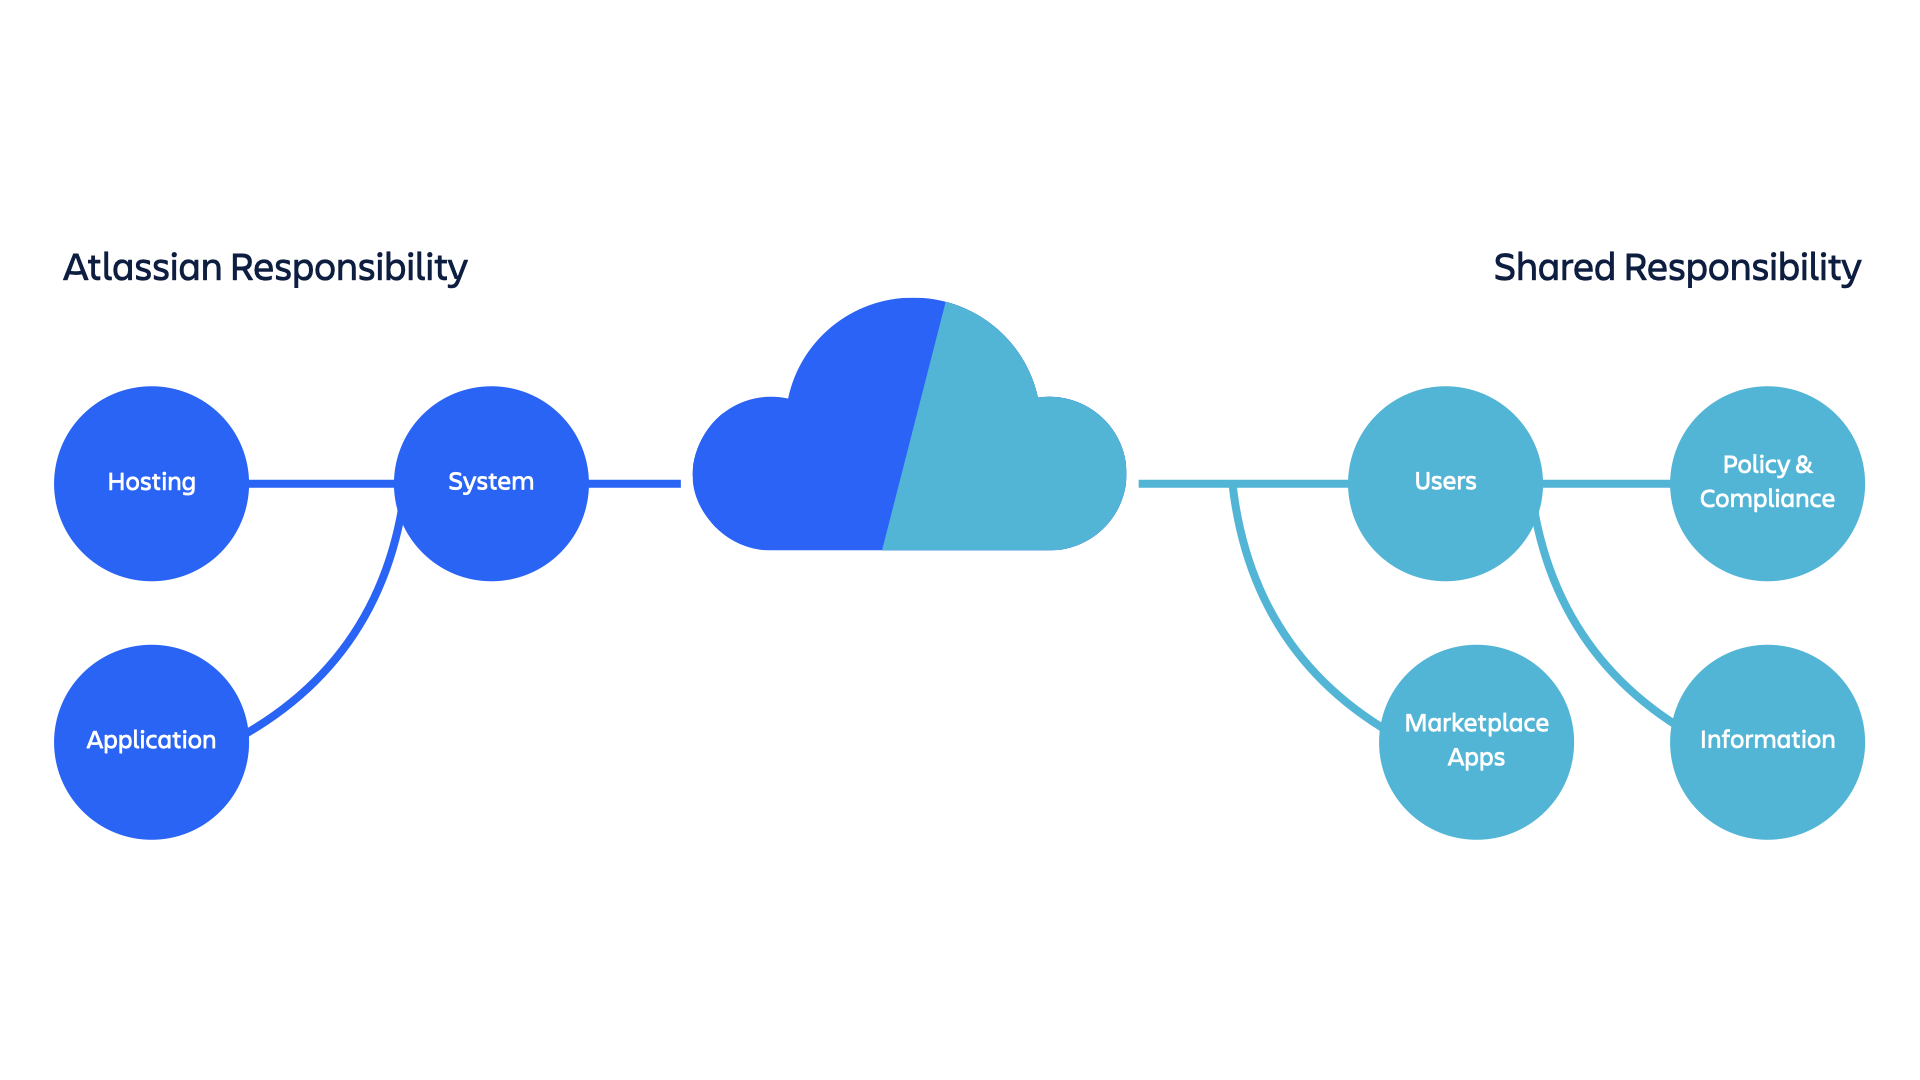 Diagramme expliquant la responsabilité d'Atlassian et les responsabilités partagées